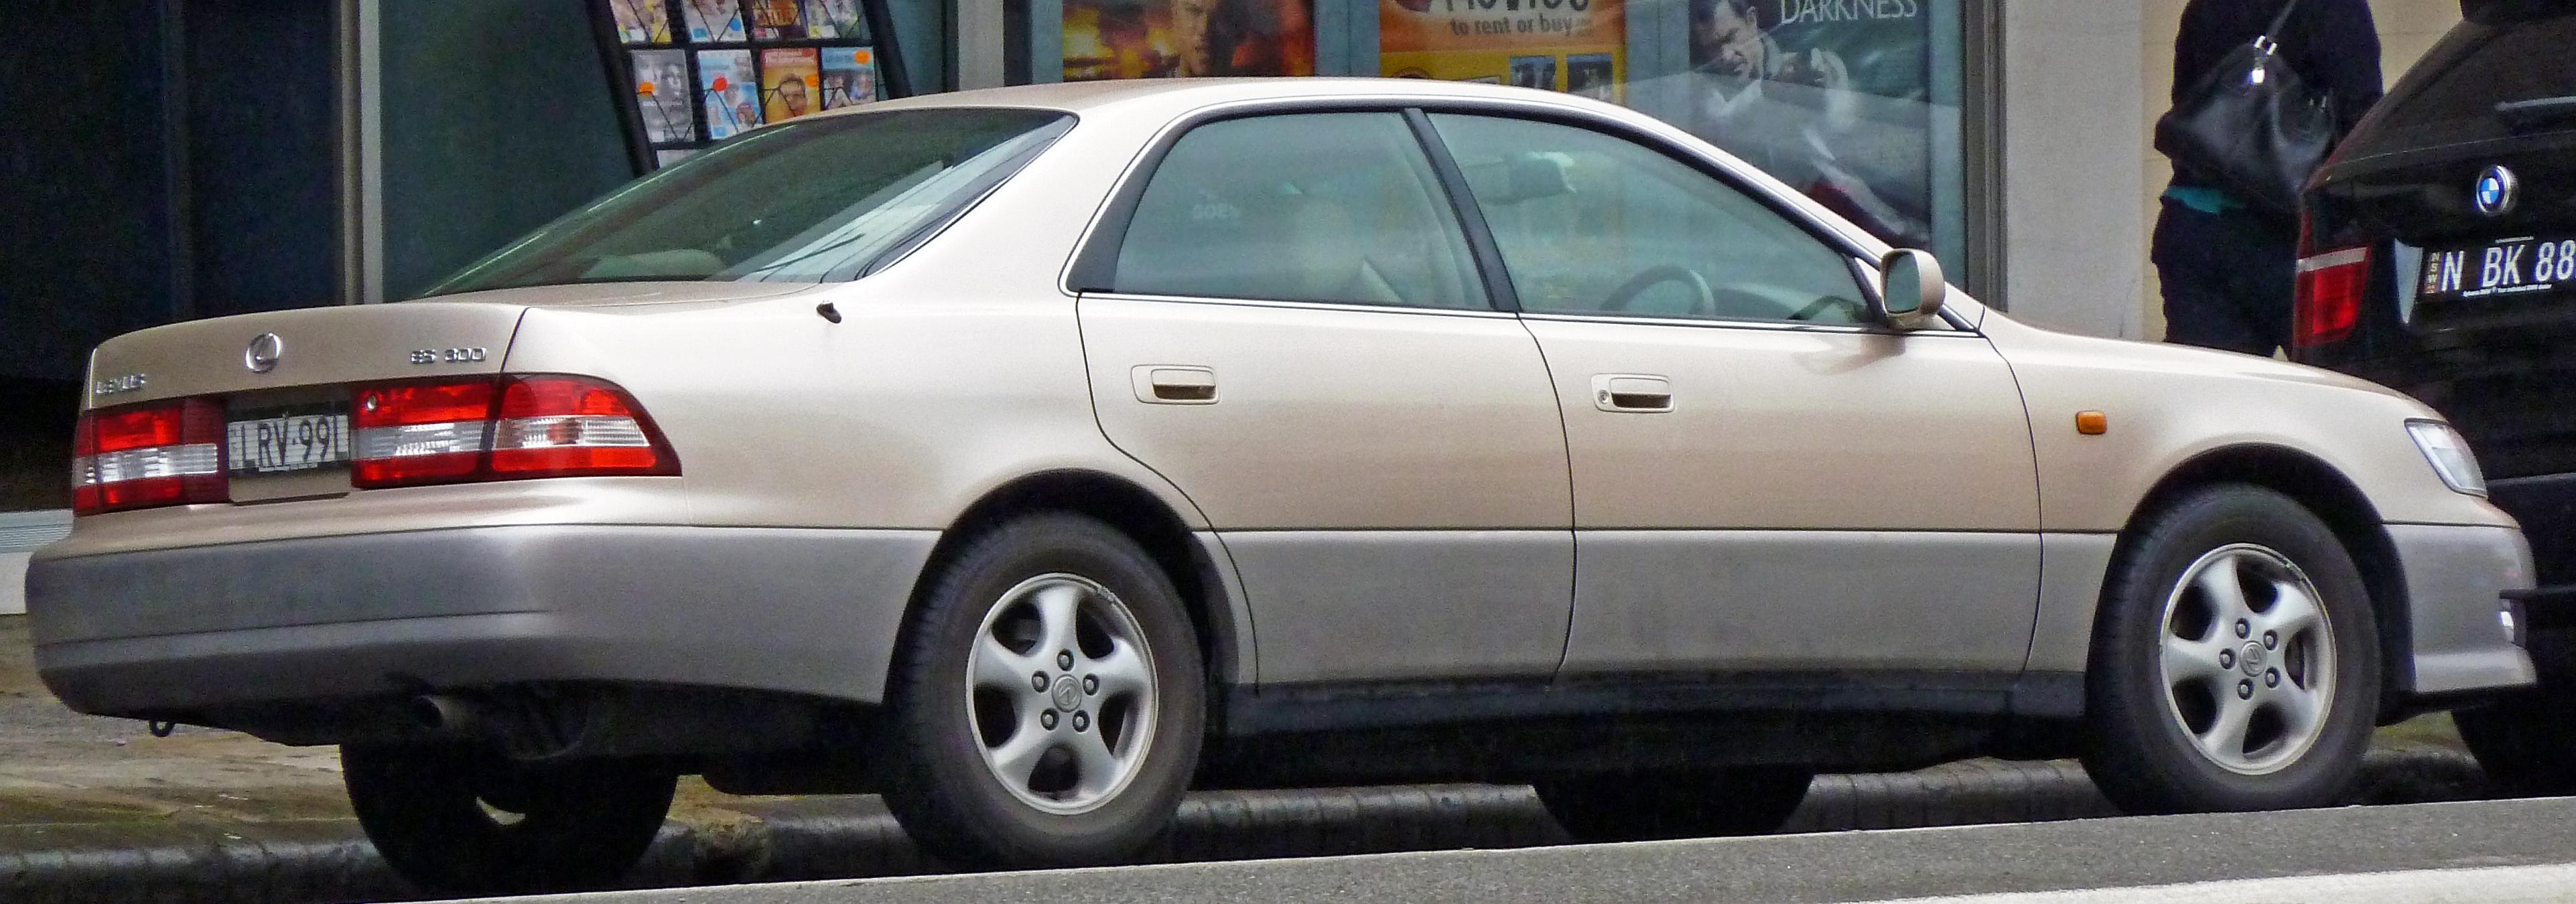 File:1999-2001 Lexus ES 300 (MCV20R) LXS sedan 01.jpg